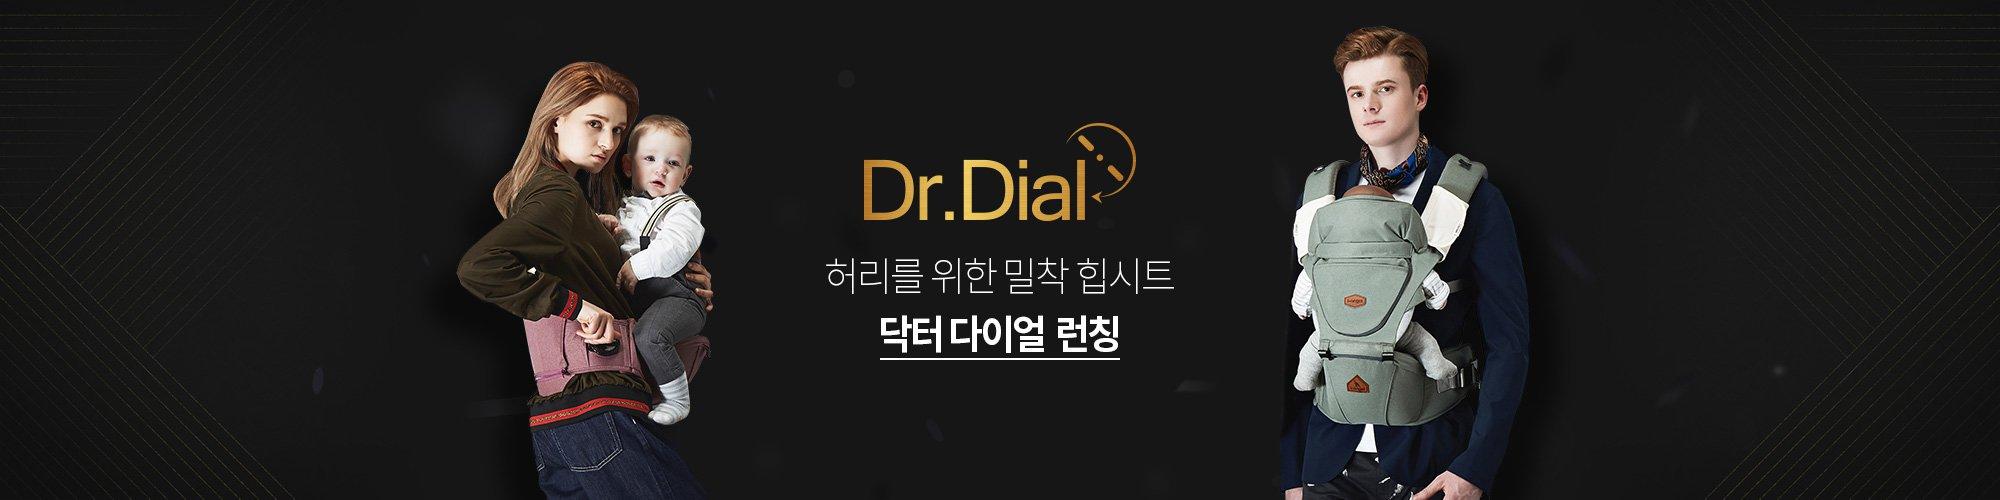 닥터다이얼